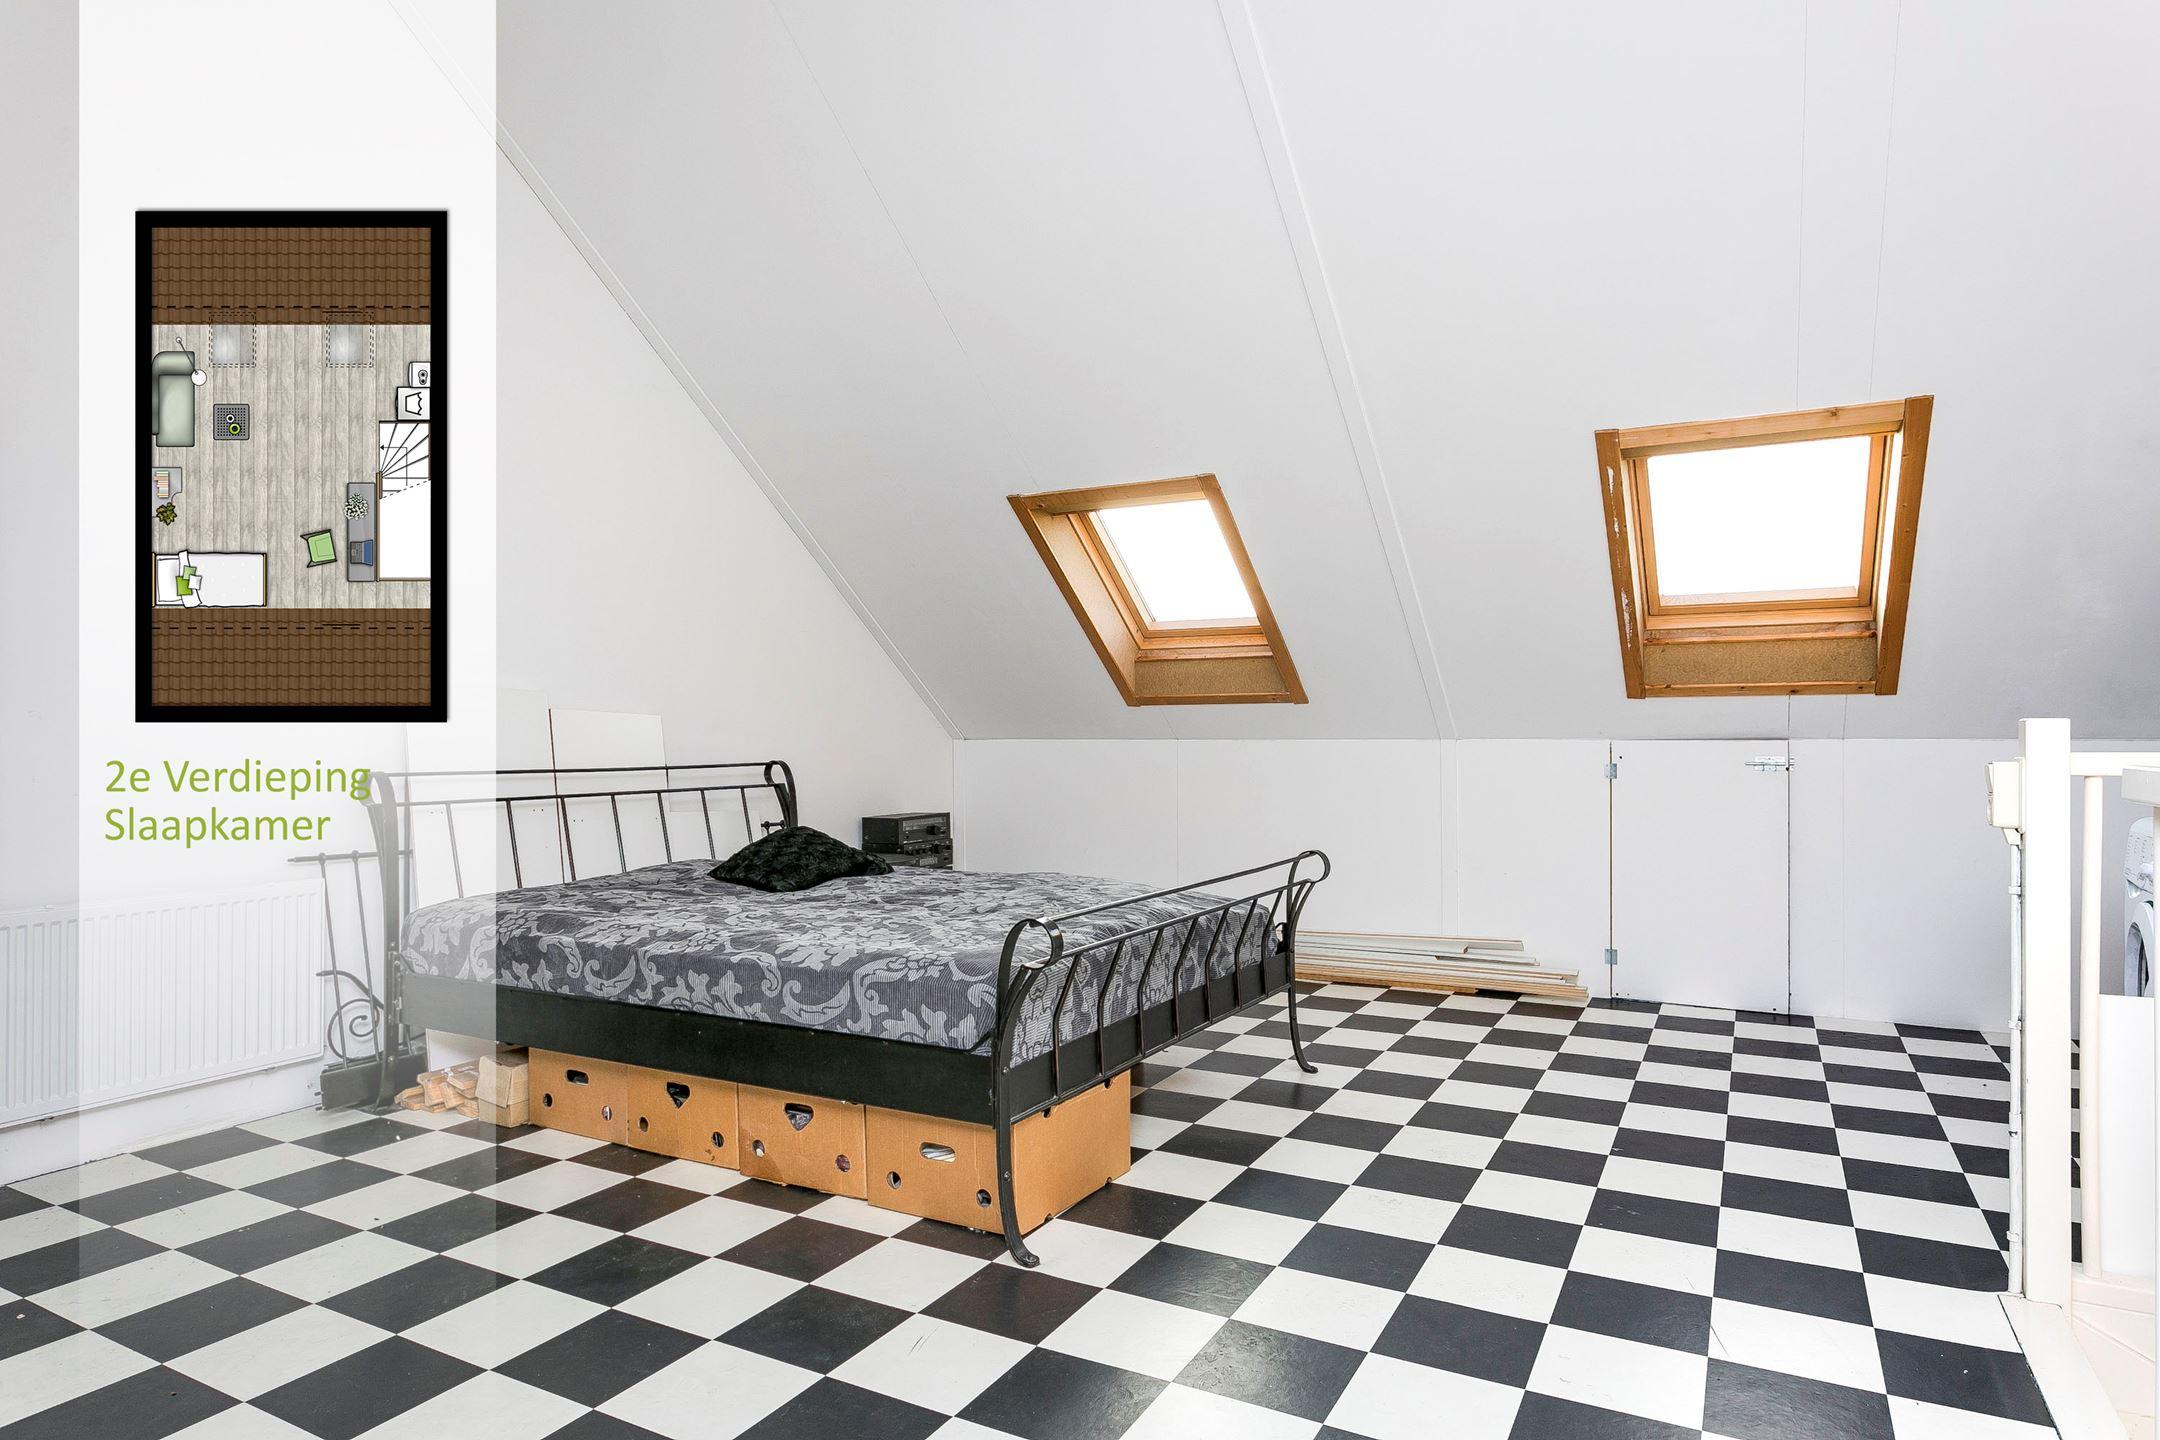 Zeil vloer zwart wit: zwart wit vloeren vloerbedekking dehands be